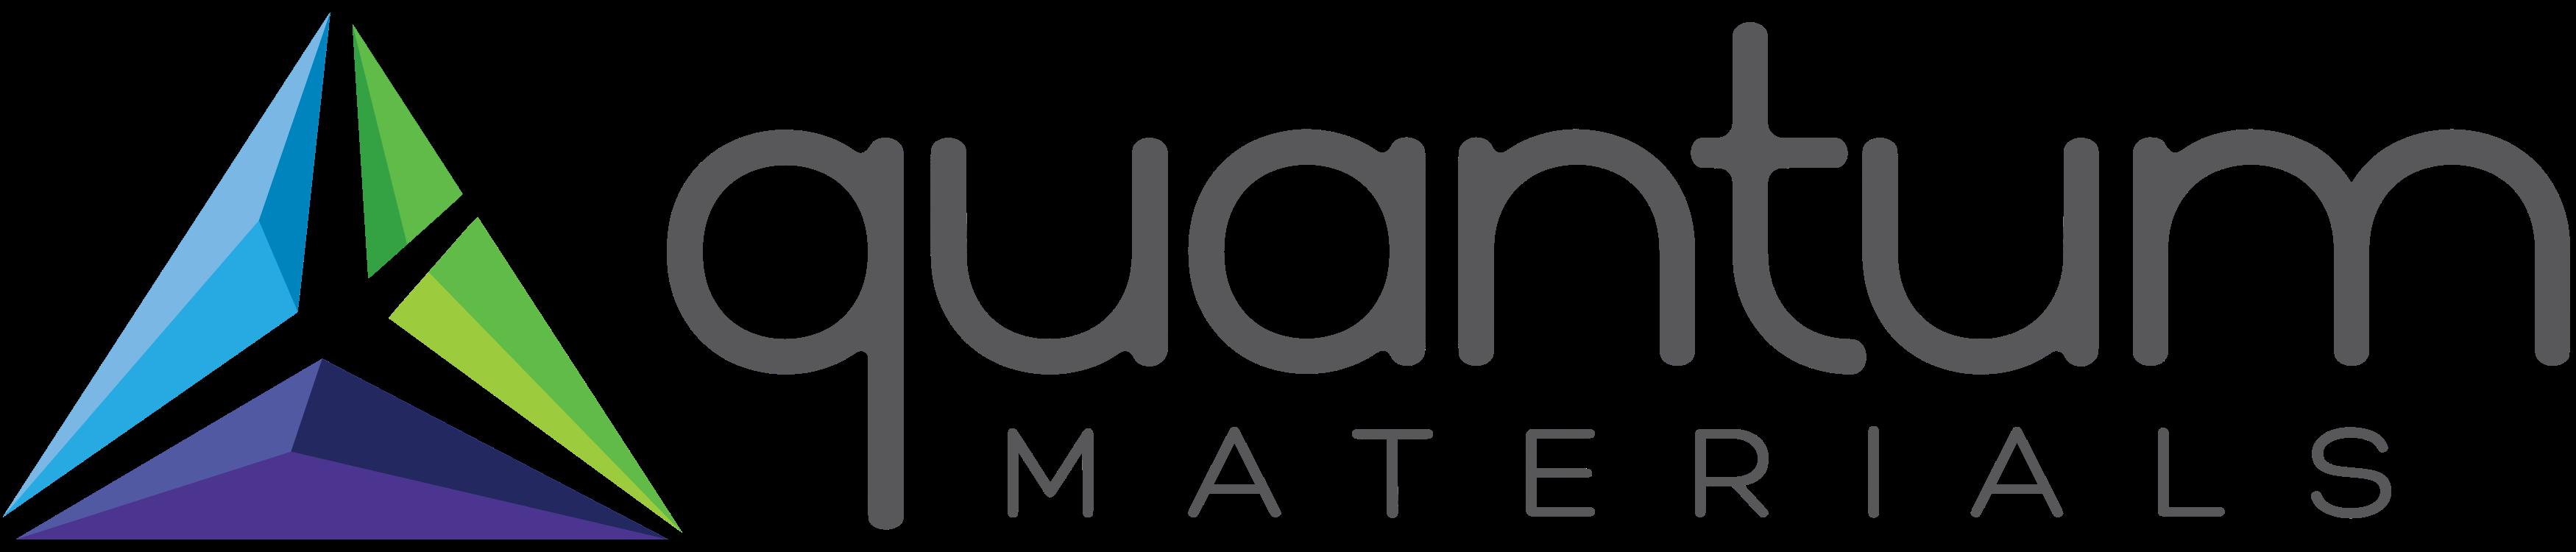 quantum-materials-corp-logo